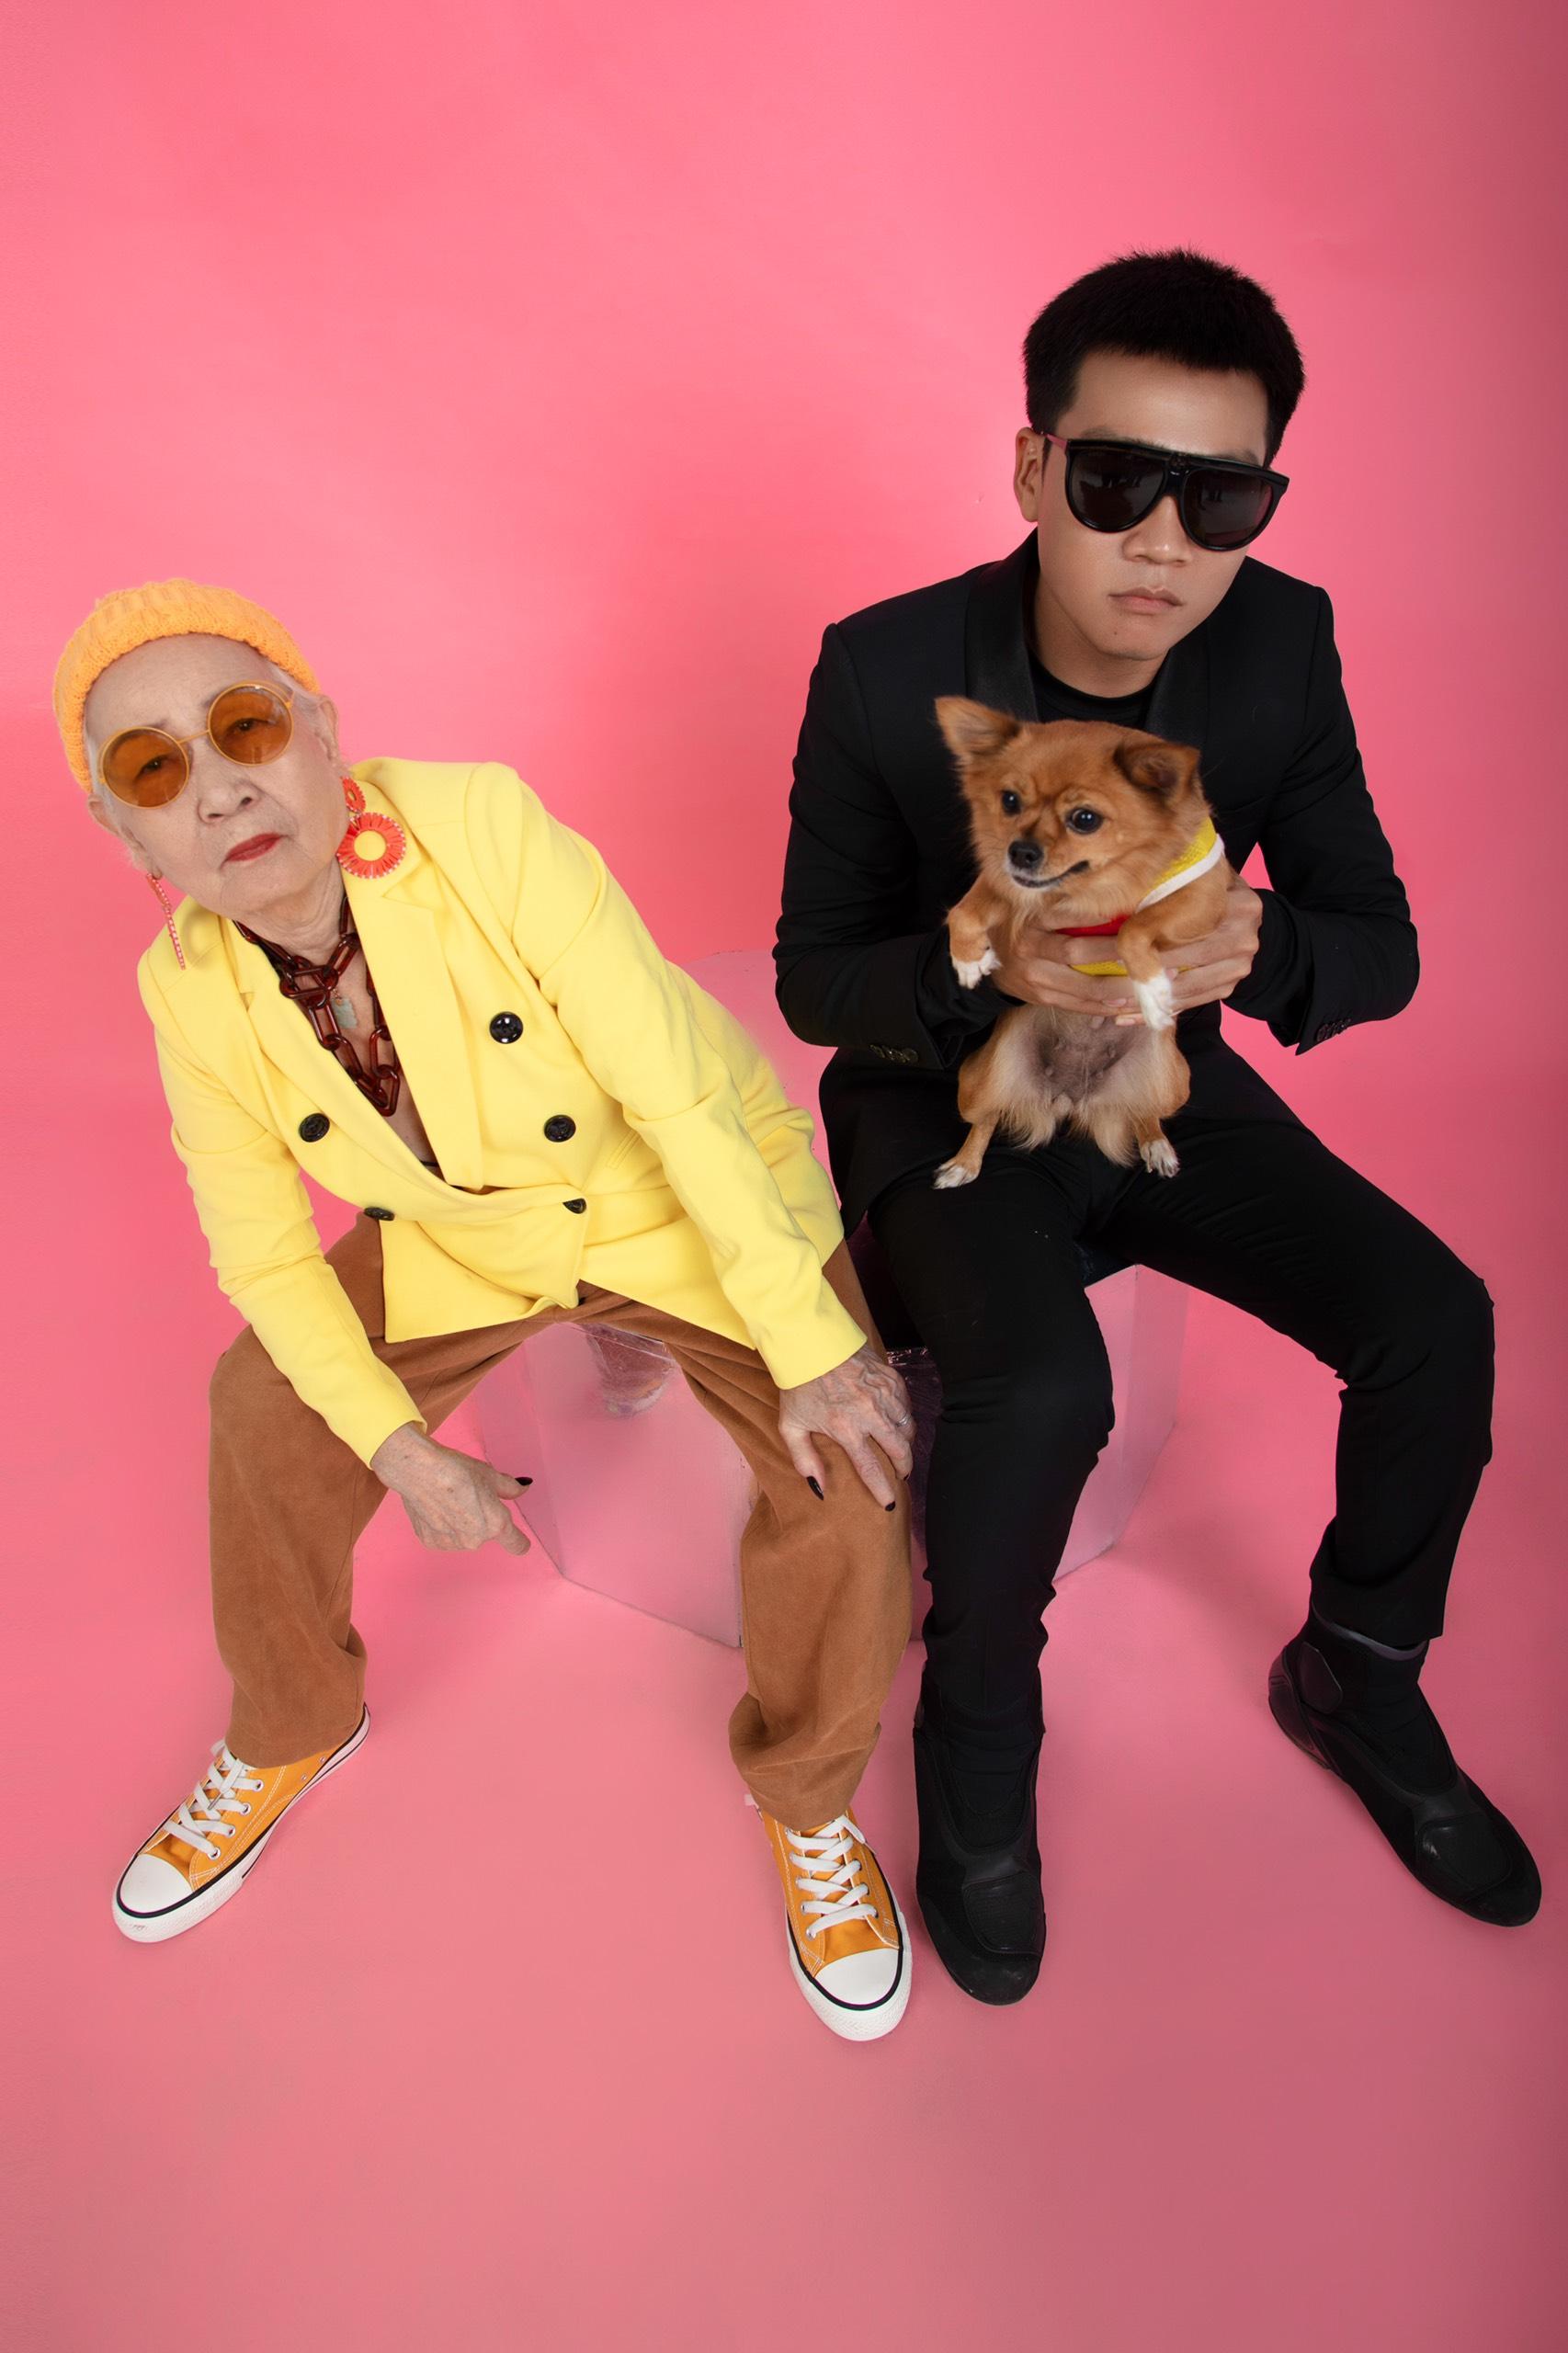 1. Wowy và bà Ngoại1 Rapper Wowy lu mờ khi chụp ảnh cùng bà ngoại U80 siêu ngầu